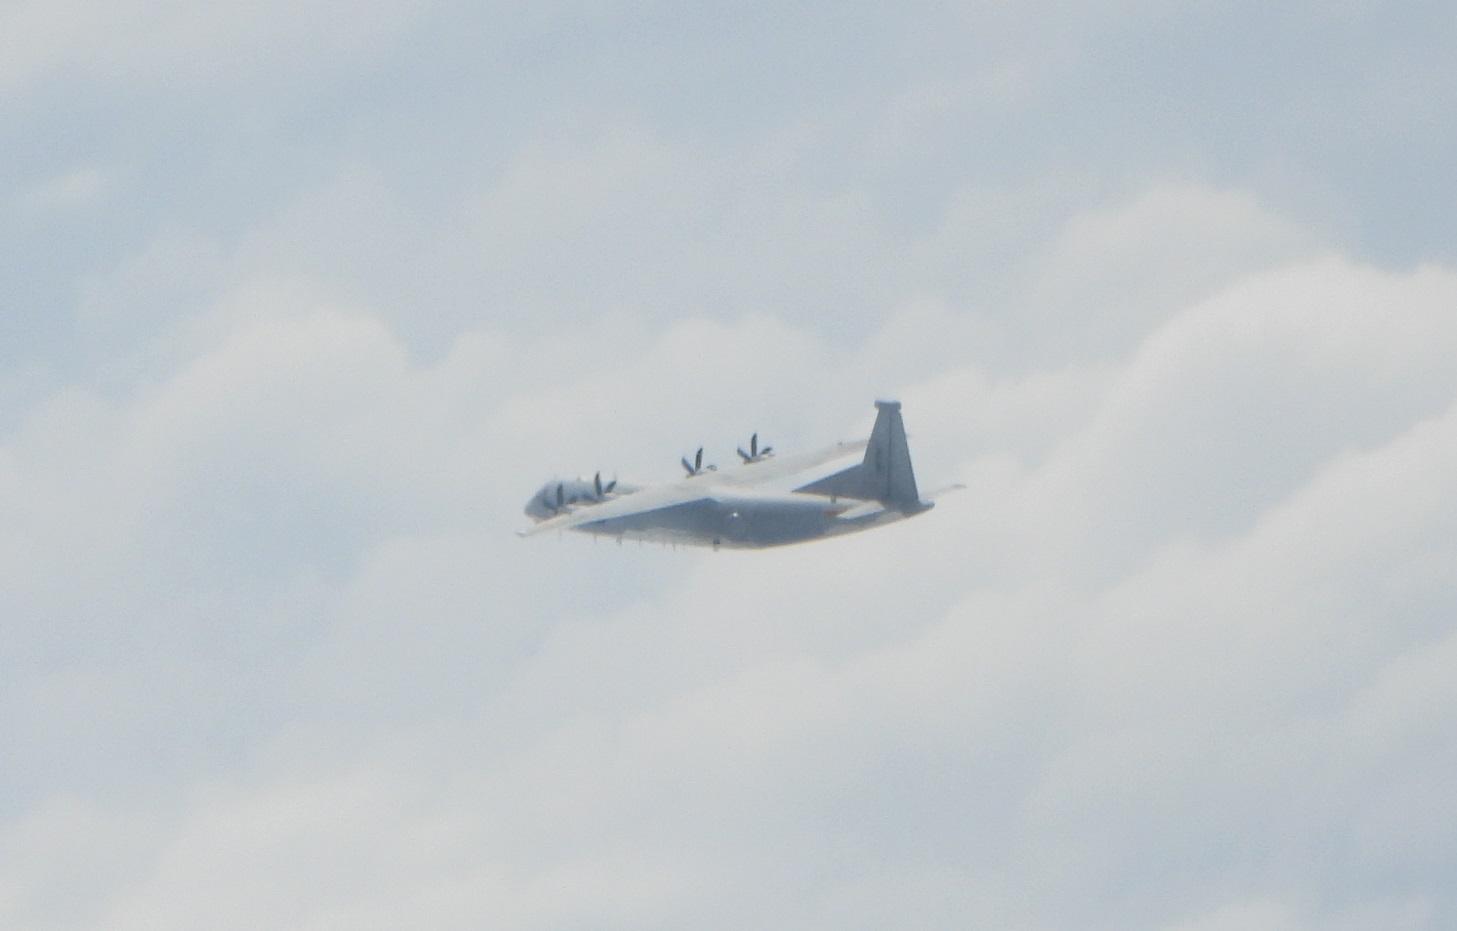 台军:今日解放军3架军机进入台湾西南空域图片